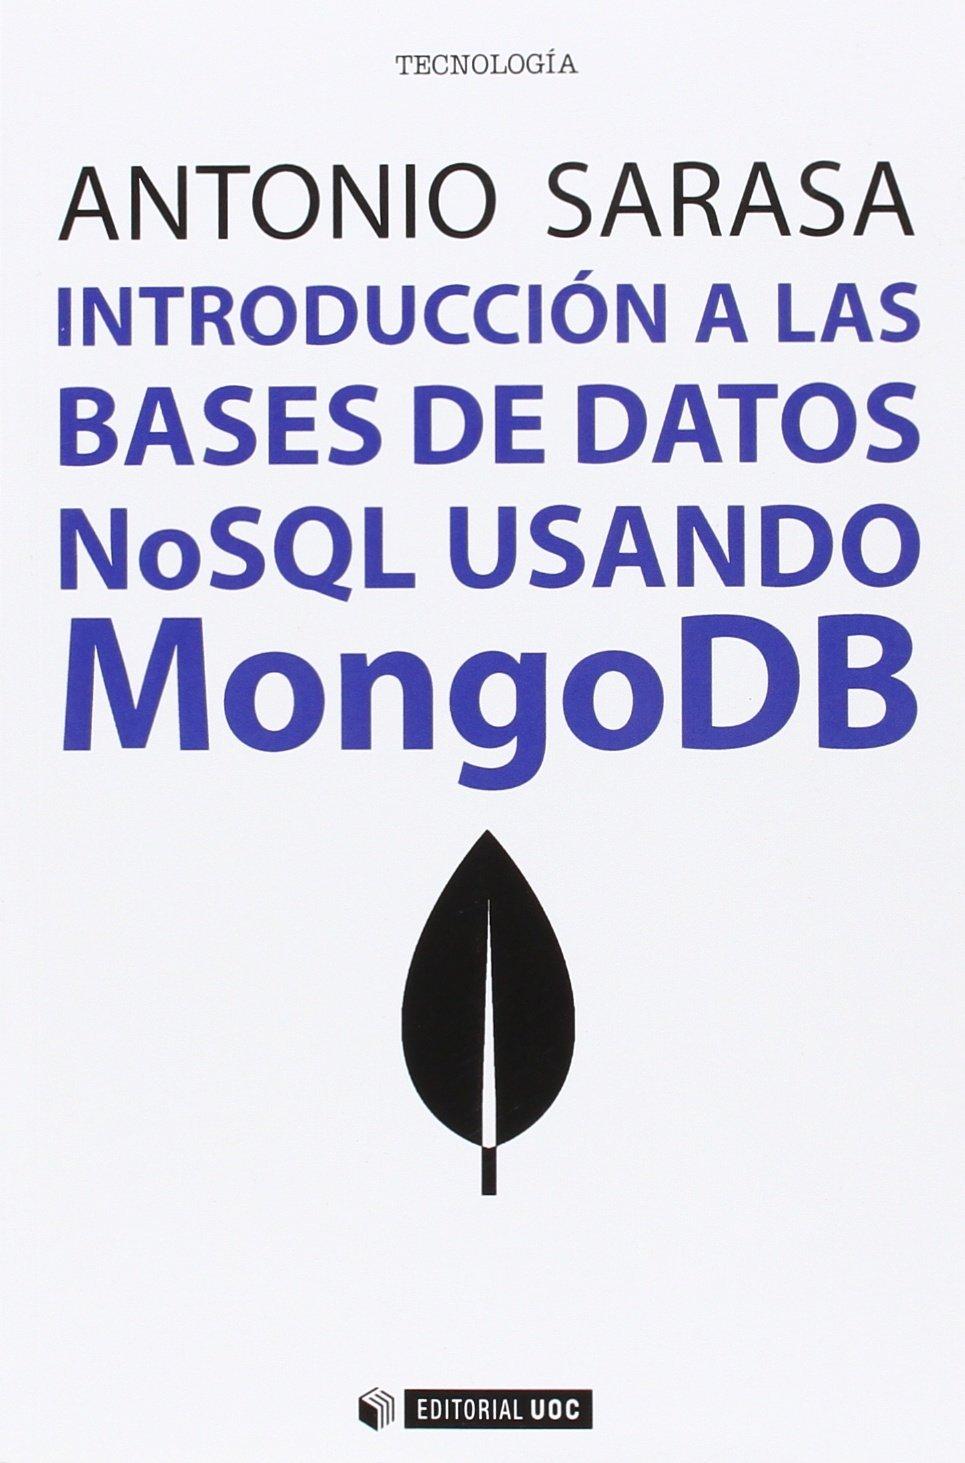 Introducción a las bases de datos. Nosql usando MongoDB (Manuales) Tapa blanda – 17 may 2016 Antonio Sarasa Editorial UOC S.L. 8491162666